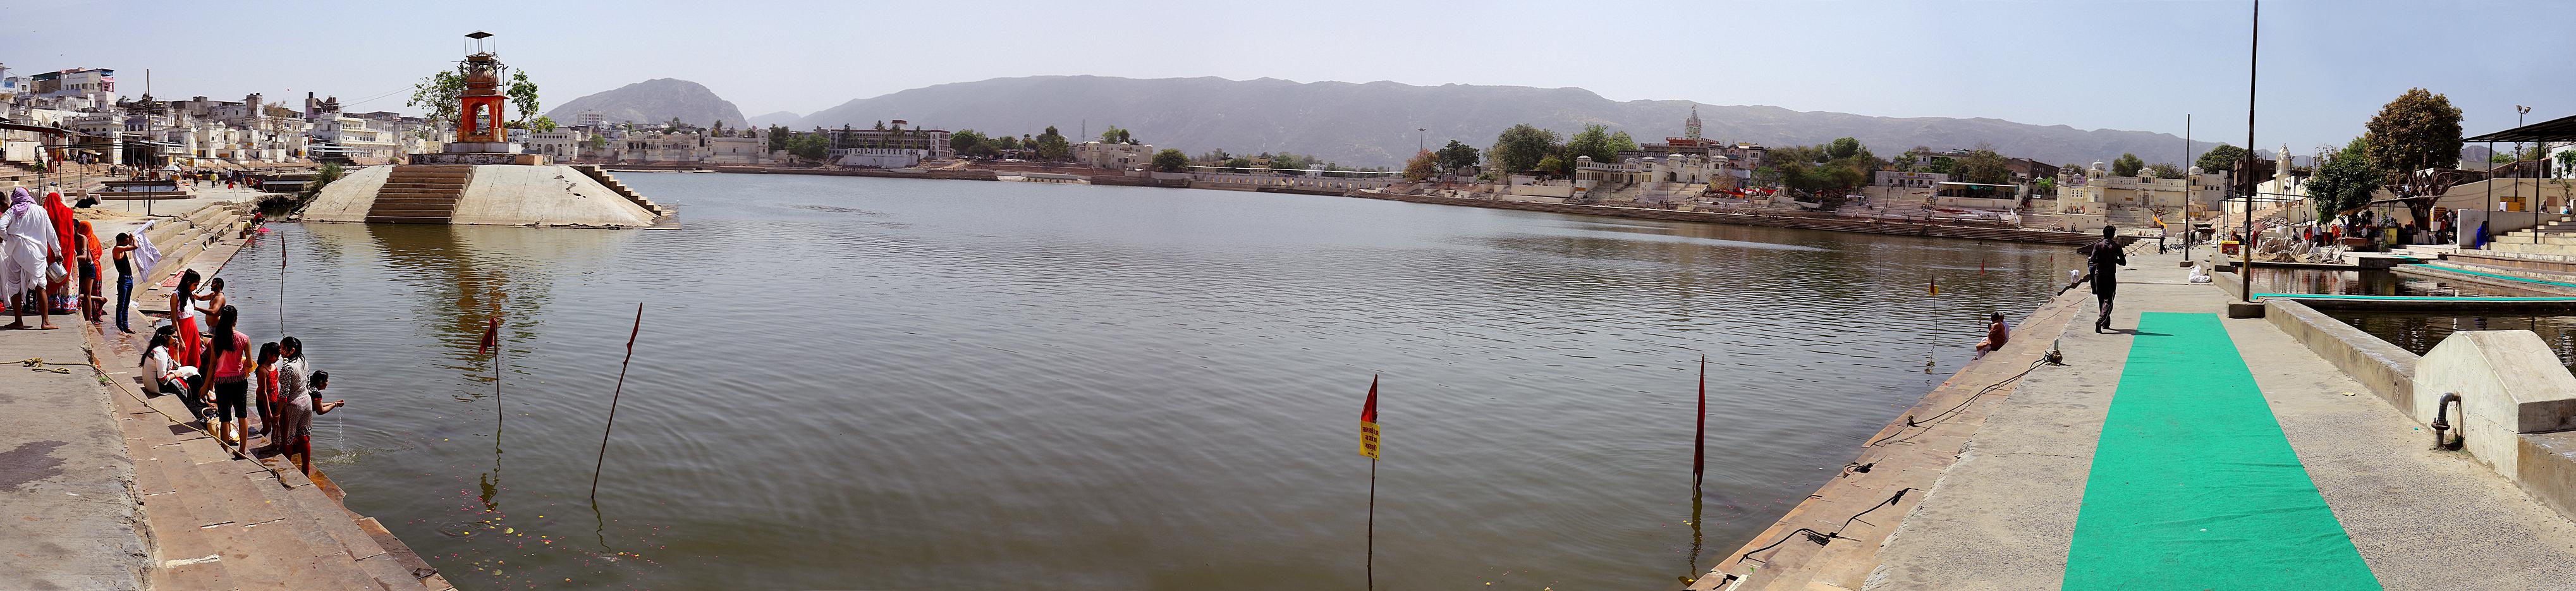 Панорама_озеро2